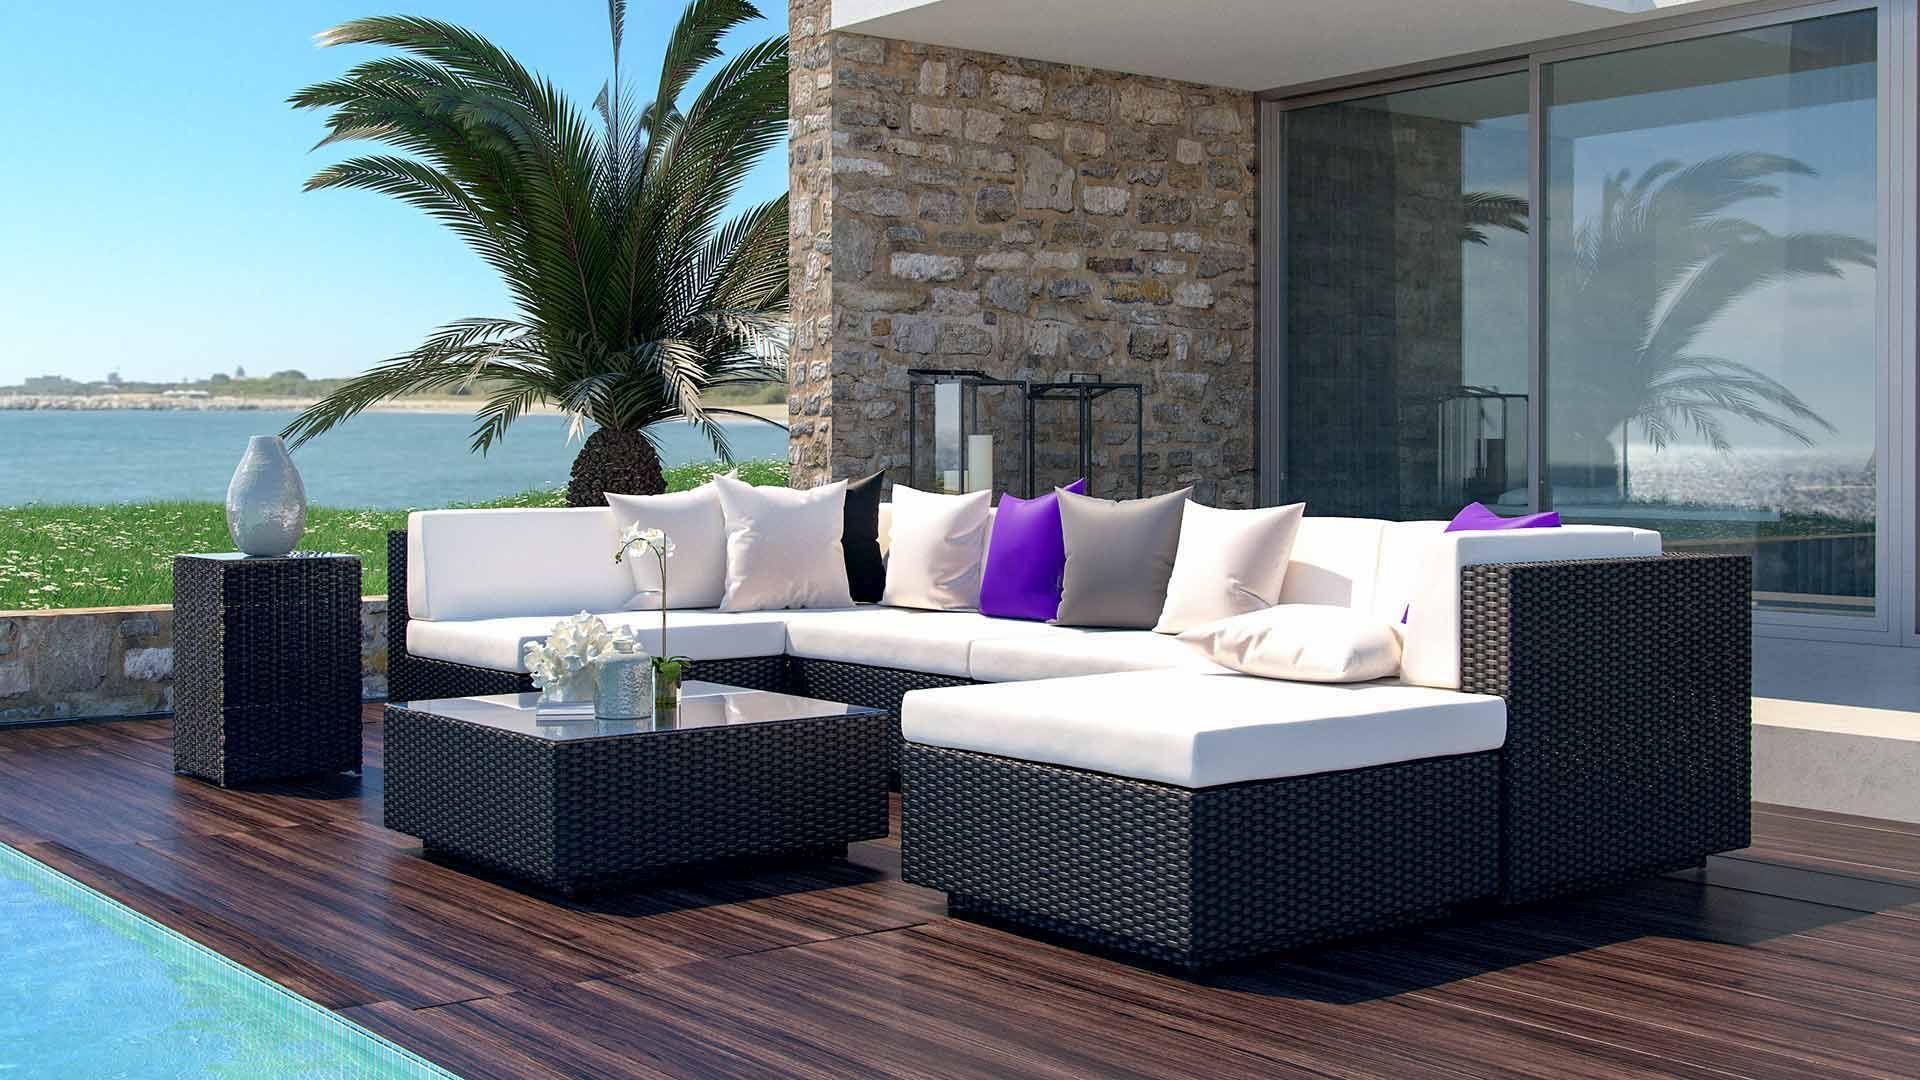 Larentia M Salon De Jardin Salon Lounge Mobilier Jardin